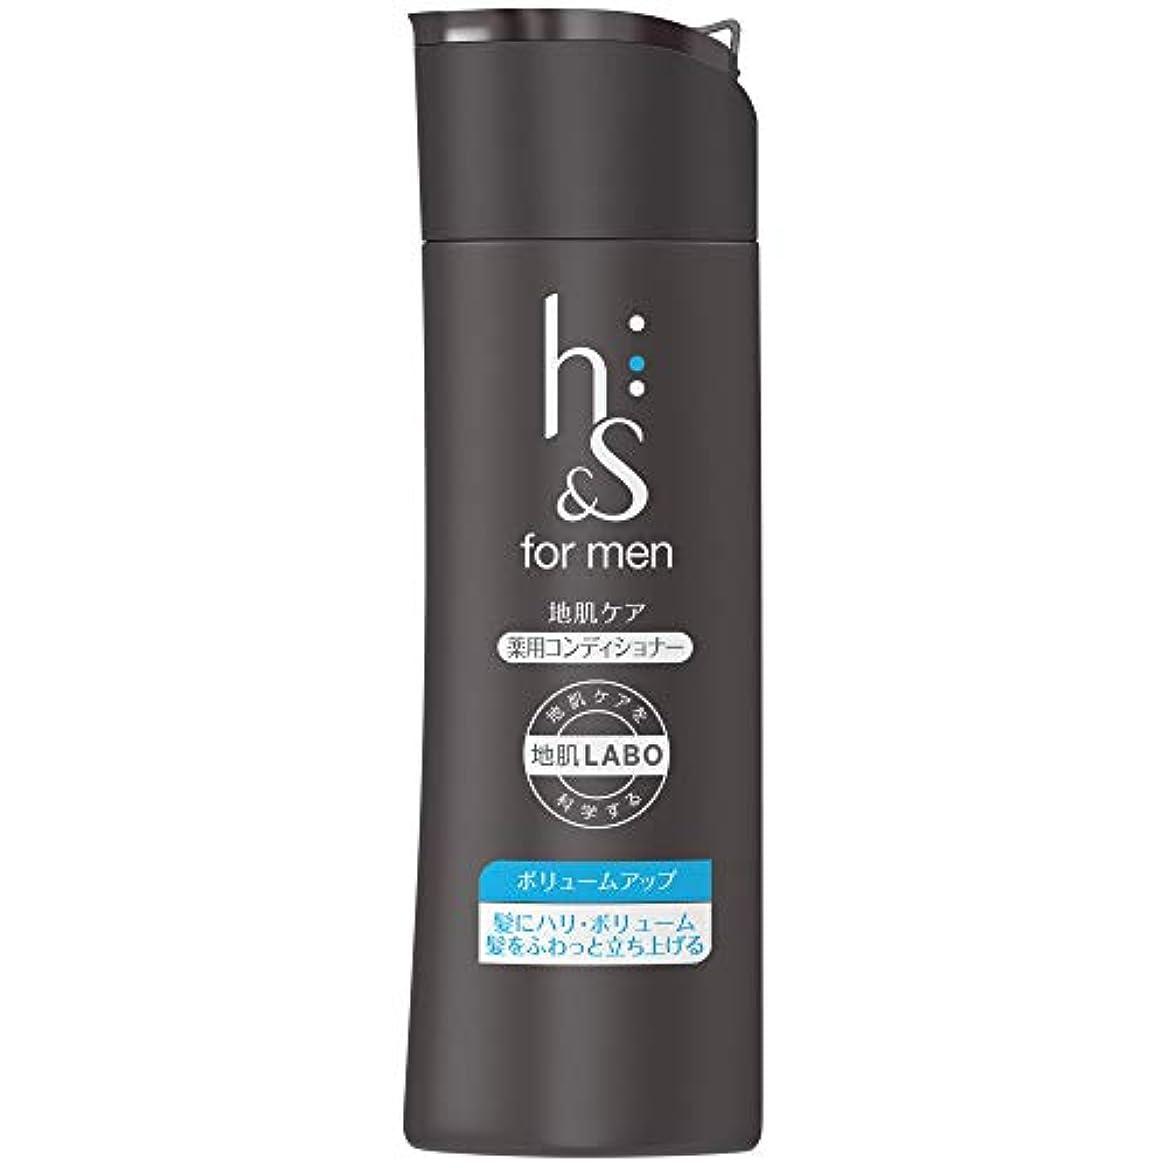 ケープビン空虚h&s for men コンディショナー ボリュームアップ ボトル 200g